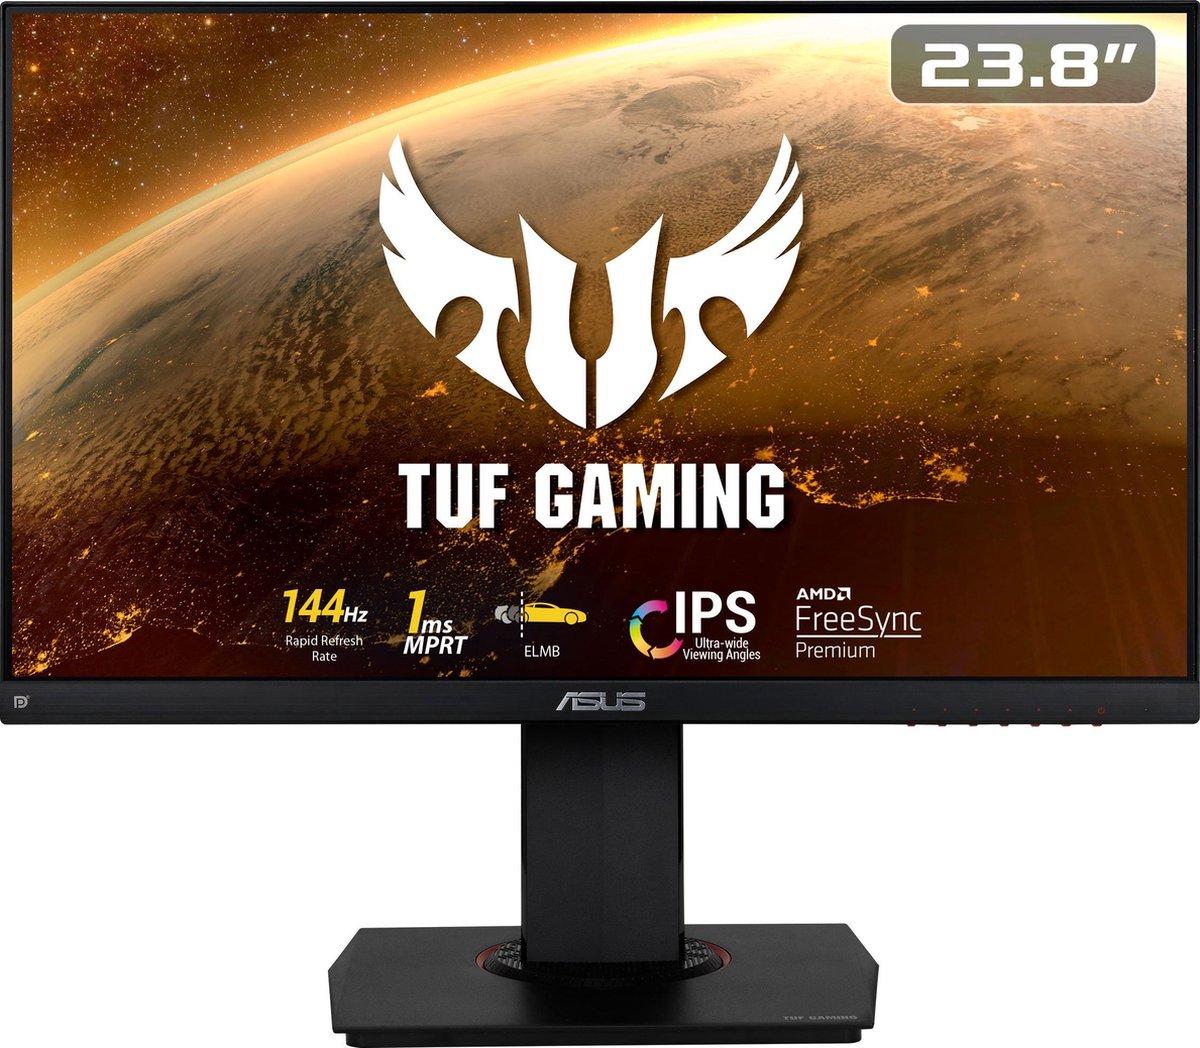 ASUS TUF VG249Q – Full HD IPS Gaming Monitor – 144hz – 24 inch